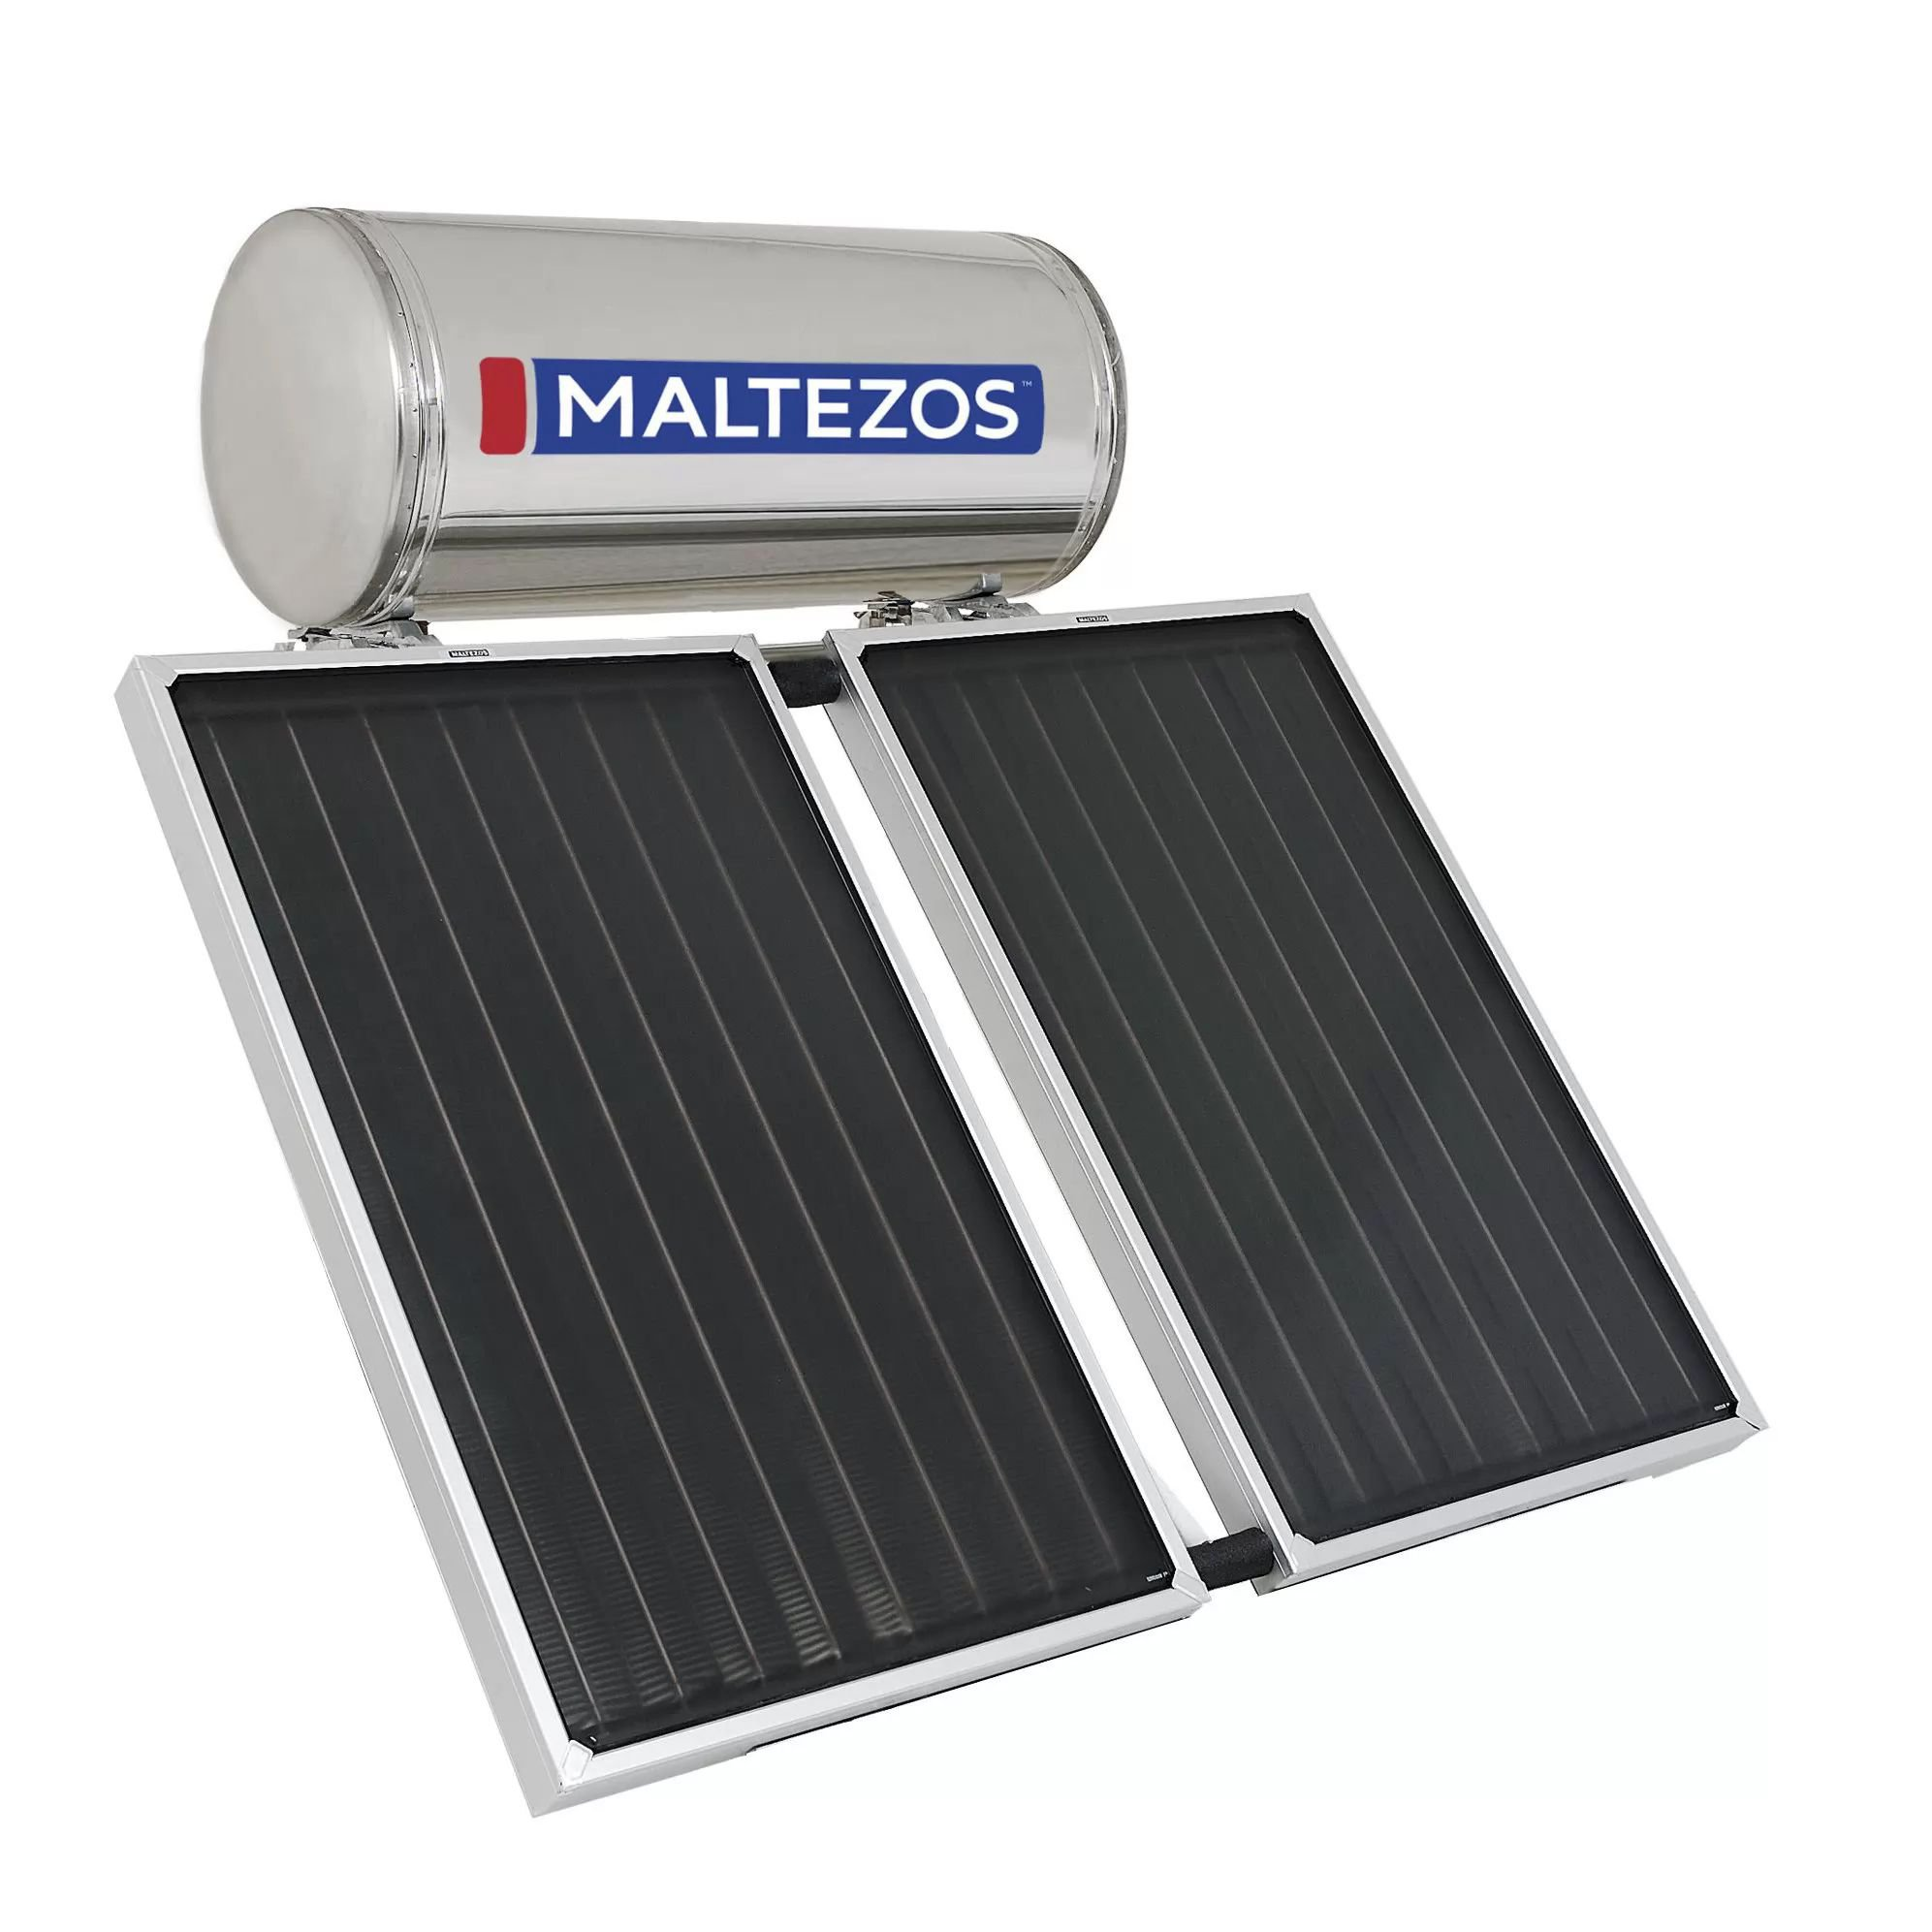 MALTEZOS MALT H 160Lt INOX Διπλής Ενεργείας, 2 Επιλεκτικοί Συλλέκτες SAC 90x150